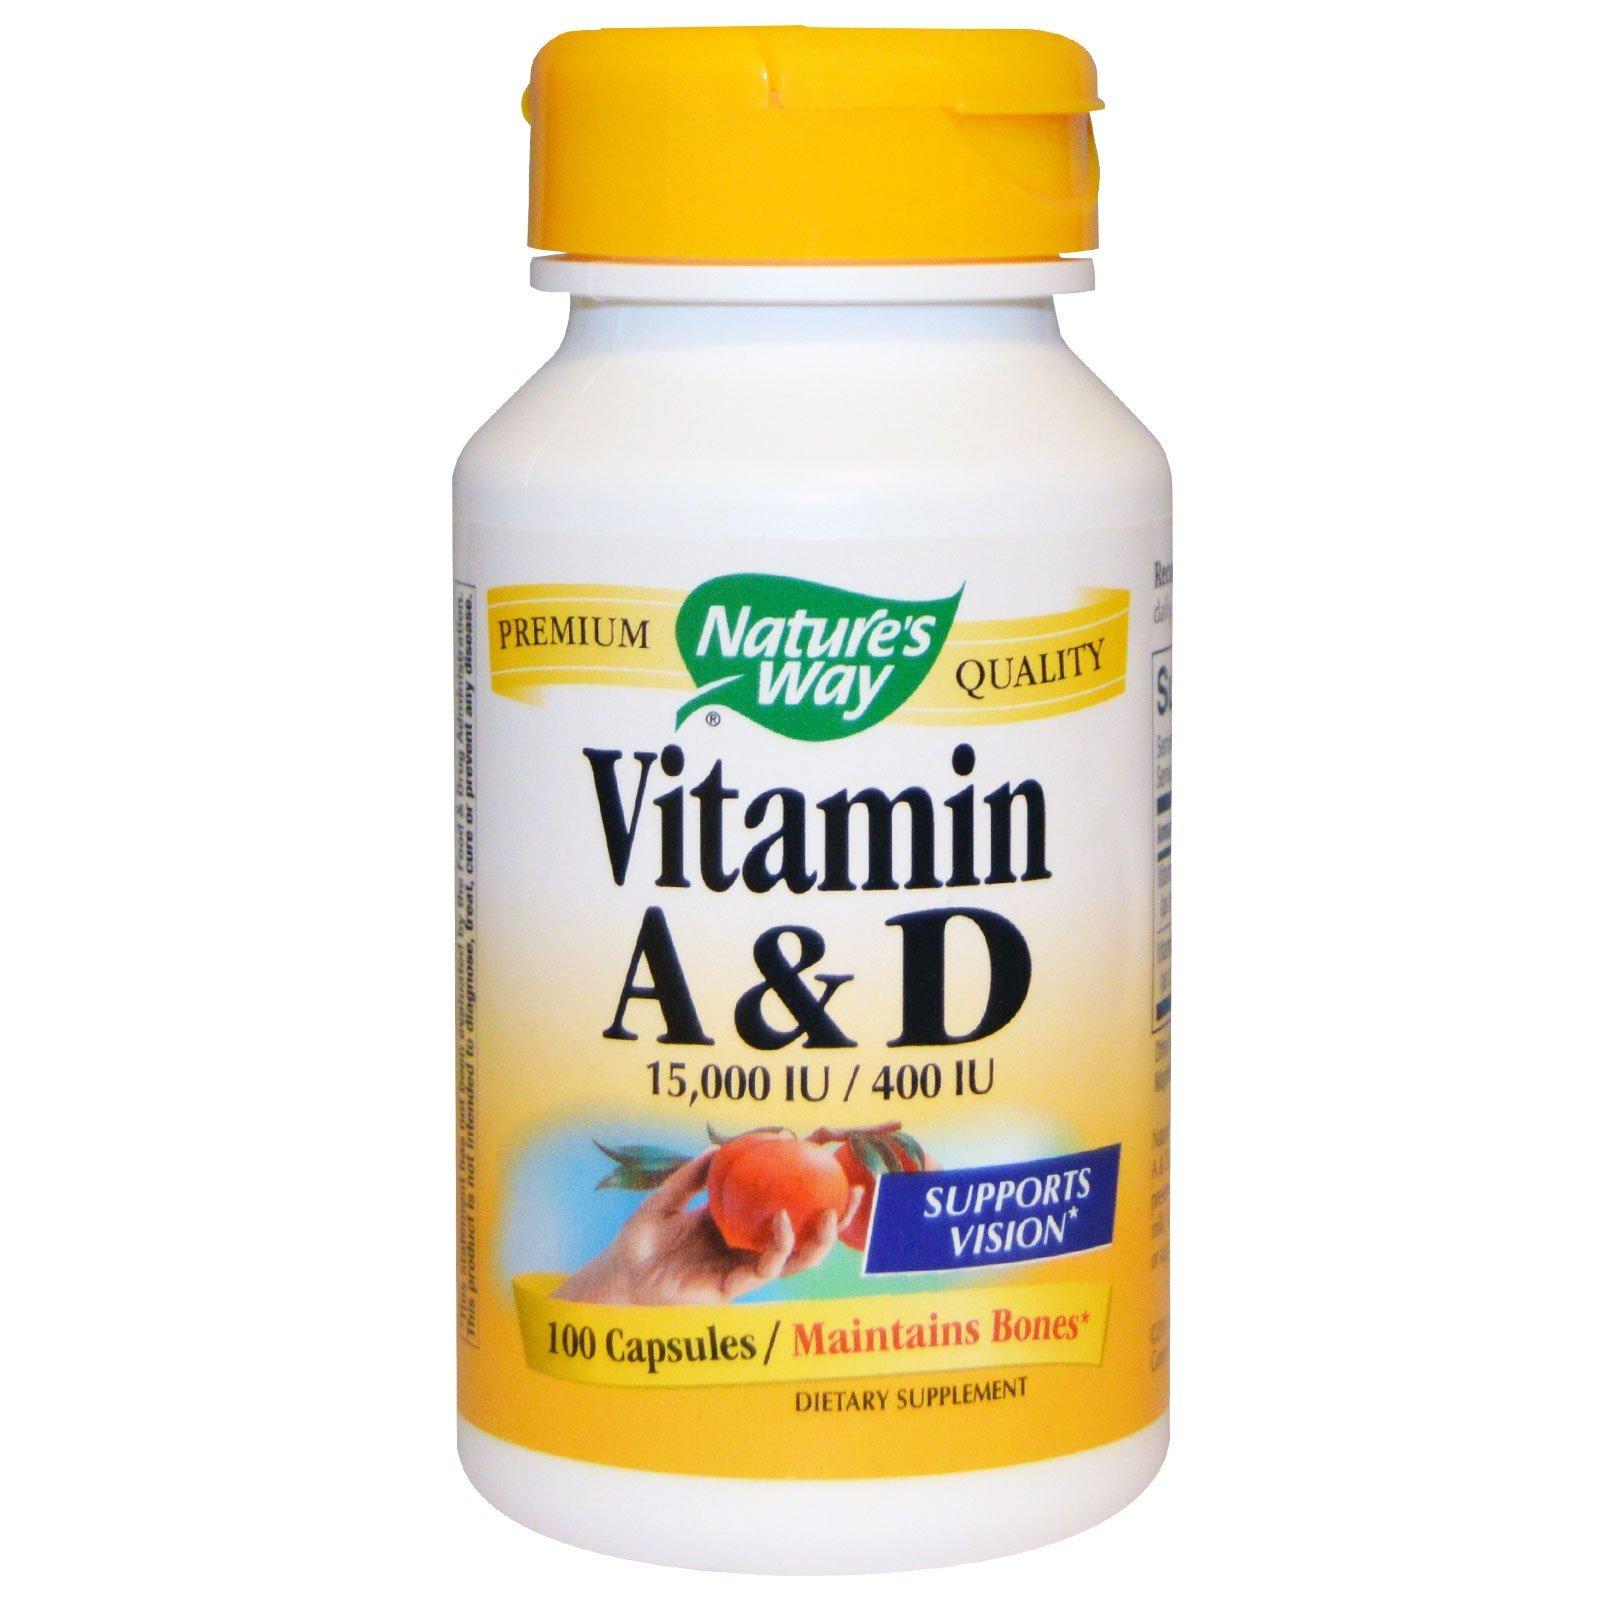 Nature's Way - Vitamin A and D, 15,000 IU / 400 IU, 100 Capsules